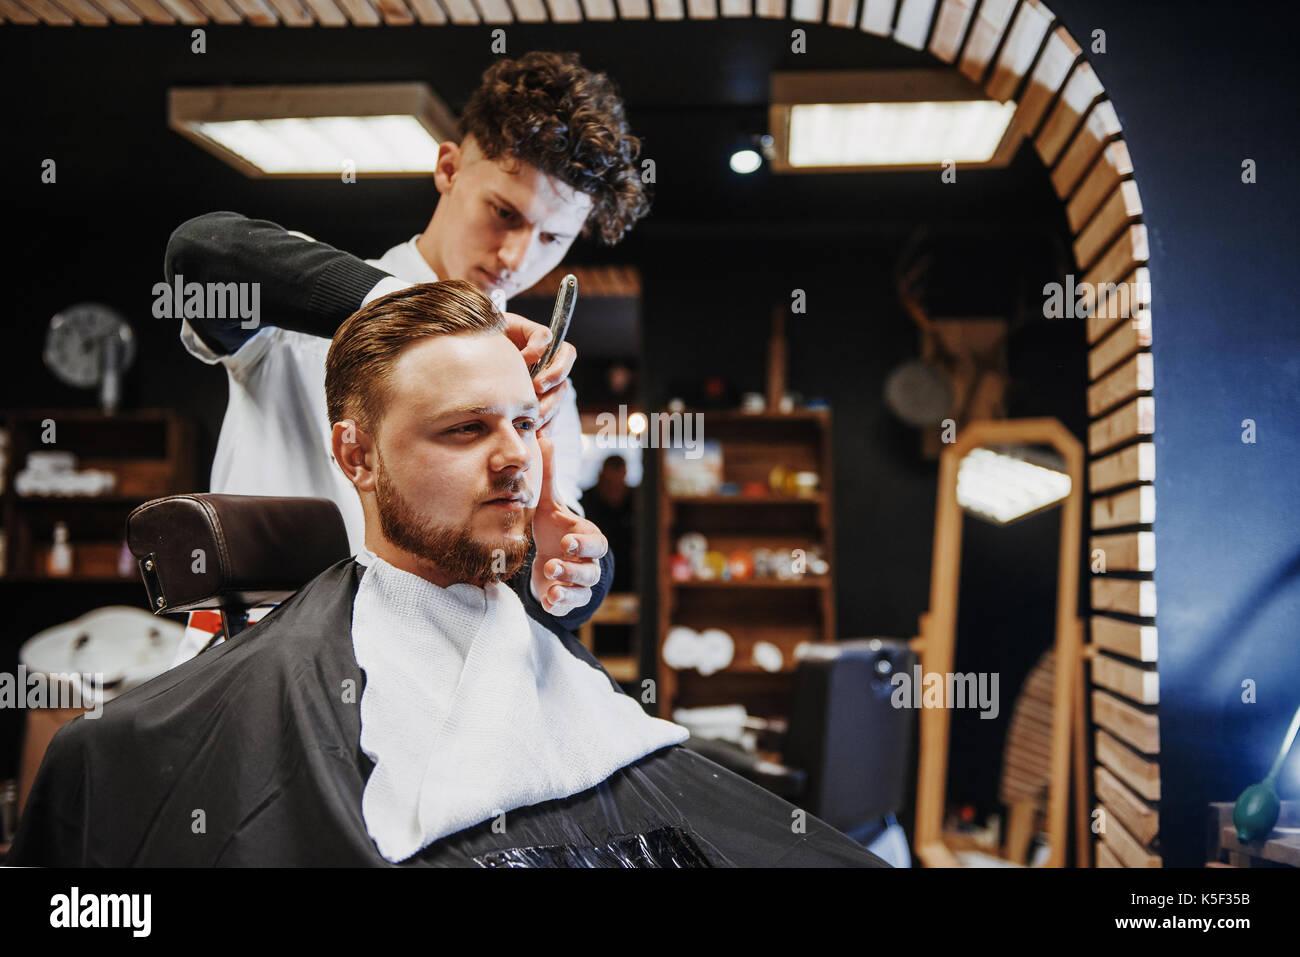 Hombre de peinado y peluquería en una barbería o peluquería. Imagen De Stock